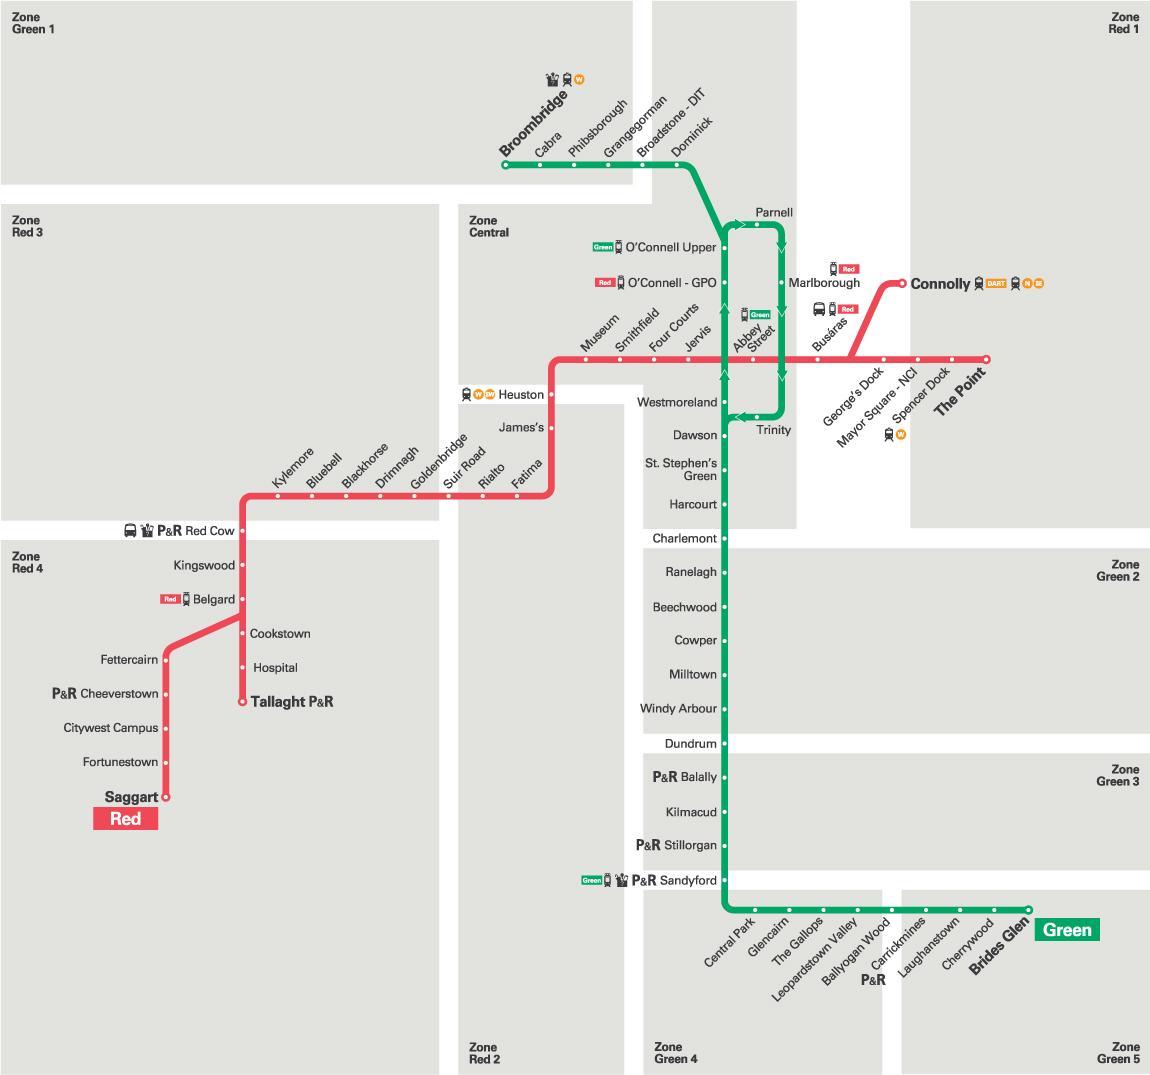 gröna linjen karta Luas grön linje karta   Karta över Luas gröna linjen (Irland) gröna linjen karta